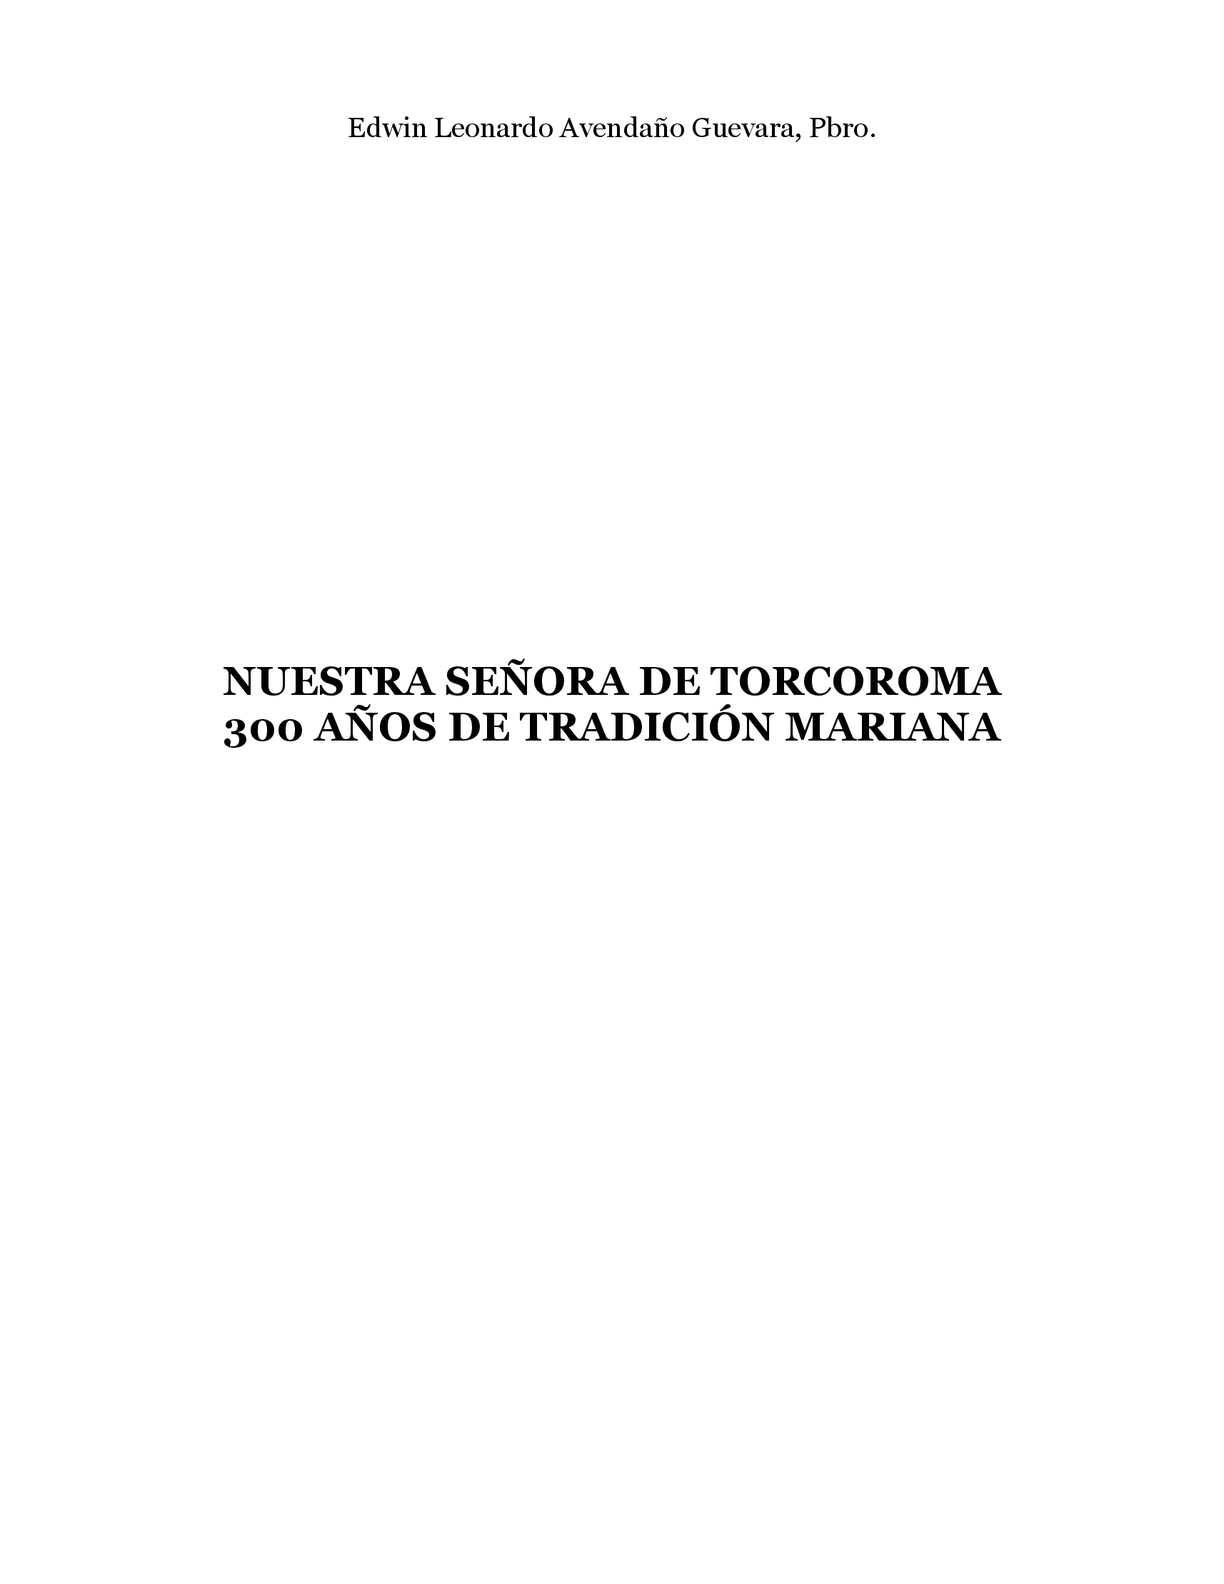 Calaméo - NUESTRA SEÑORA DE TORCOROMA - 300 AÑOS DE TRADICIÓN MARIANA